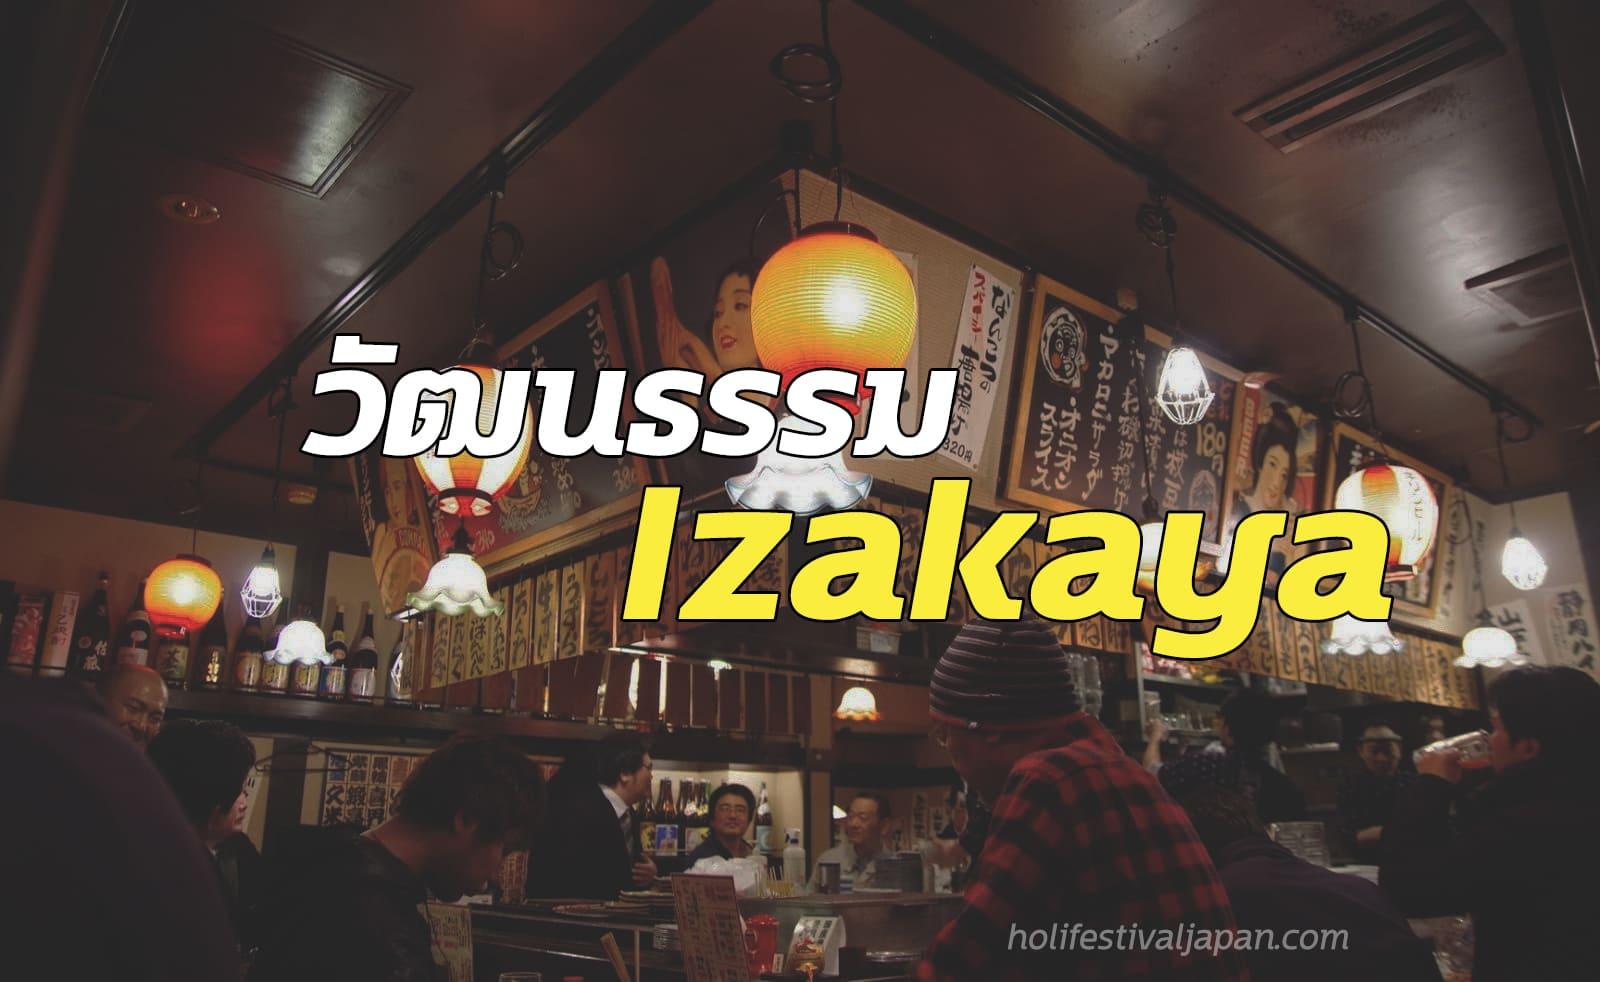 วัฒนธรรม Izza kaya ถ้าพูดถึงญี่ปุ่นคงจะมองข้ามจุดนี้ไม่ได้